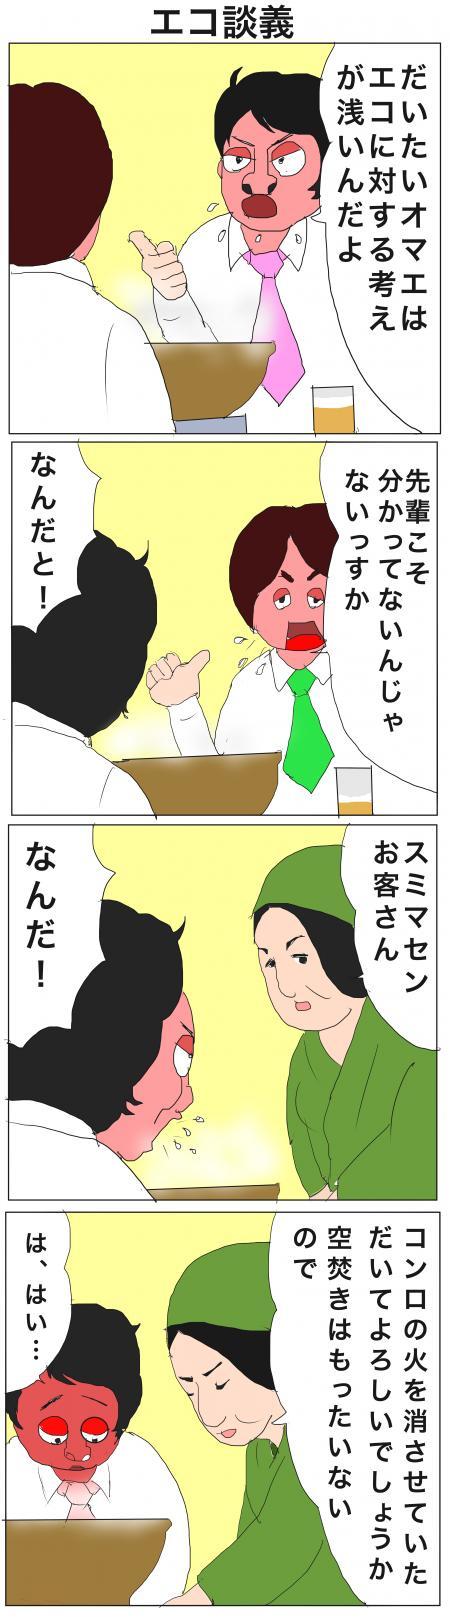 エコ談義+のコピー_convert_20141214184428